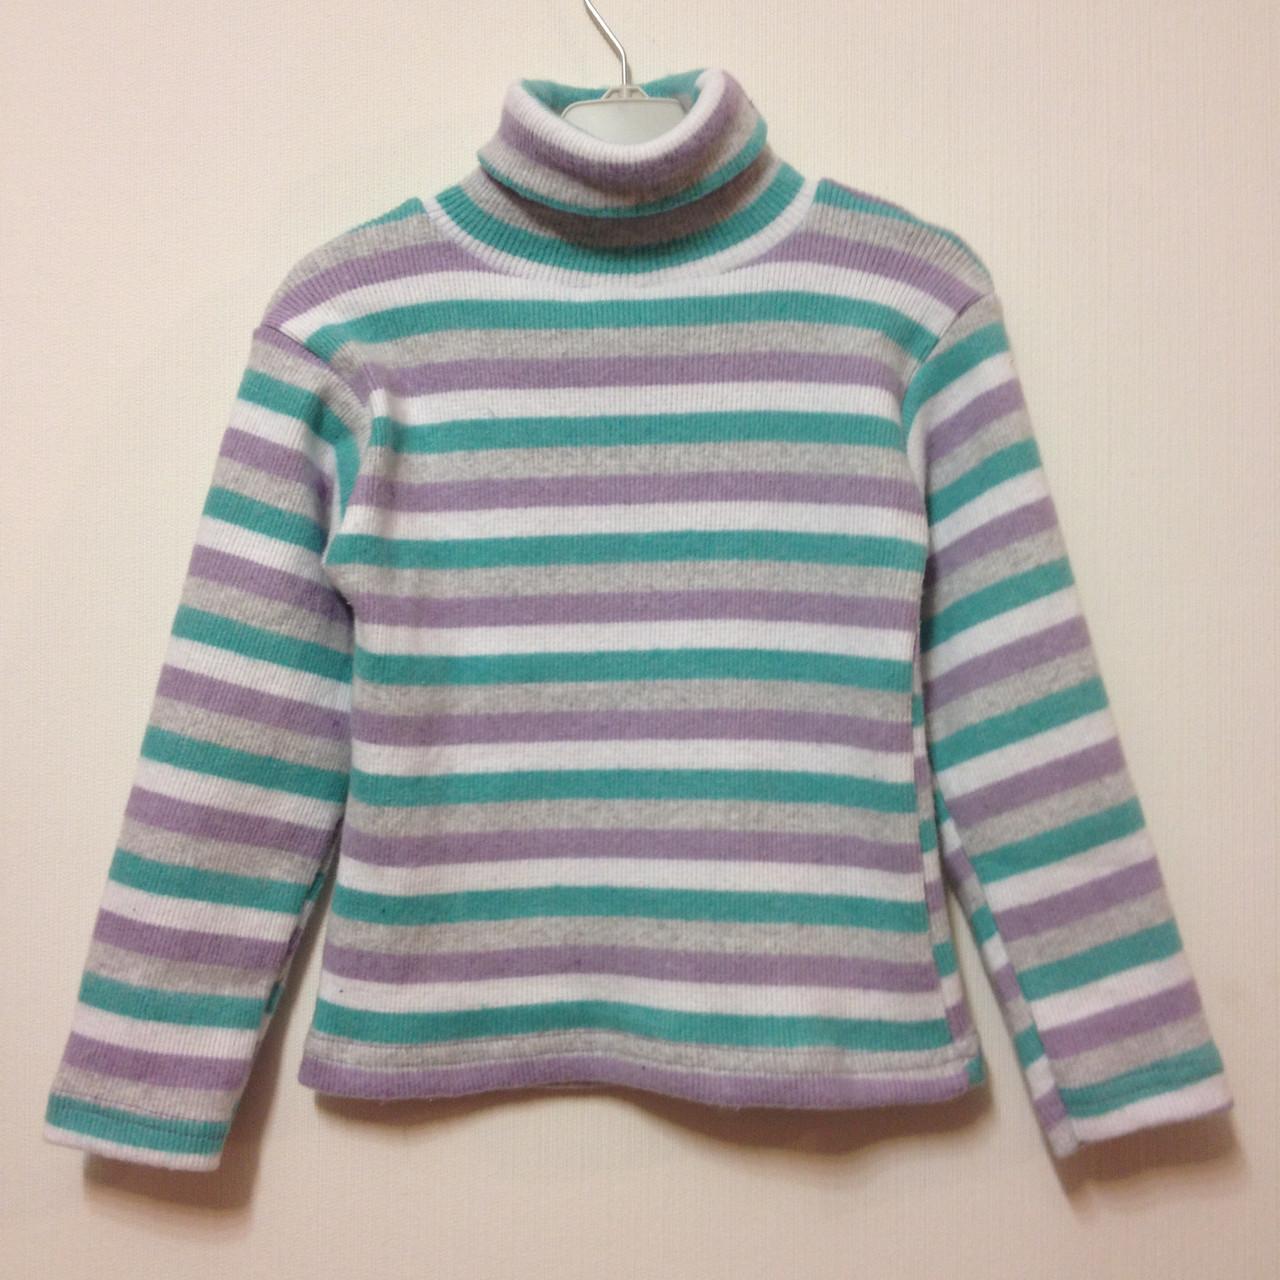 Детская одежда оптом Детский Гольф рубчик теплый оптом р.104-122 - Детская  одежда 3c5ef8d4f4e